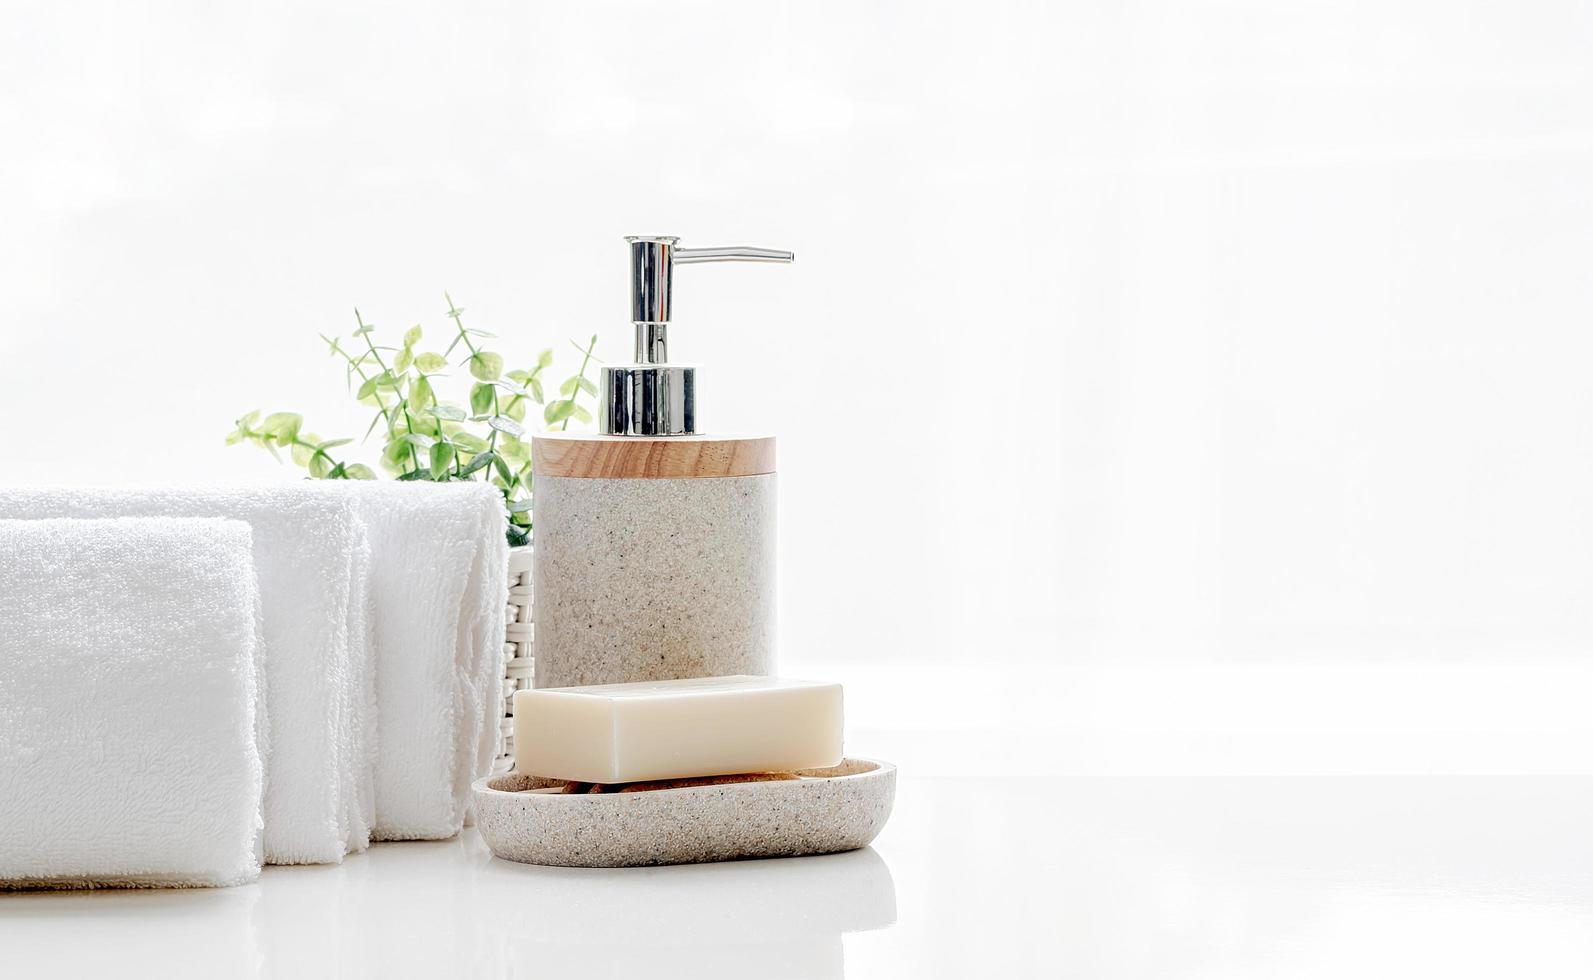 schone zachte badstof handdoeken met zeep op witte tafel foto